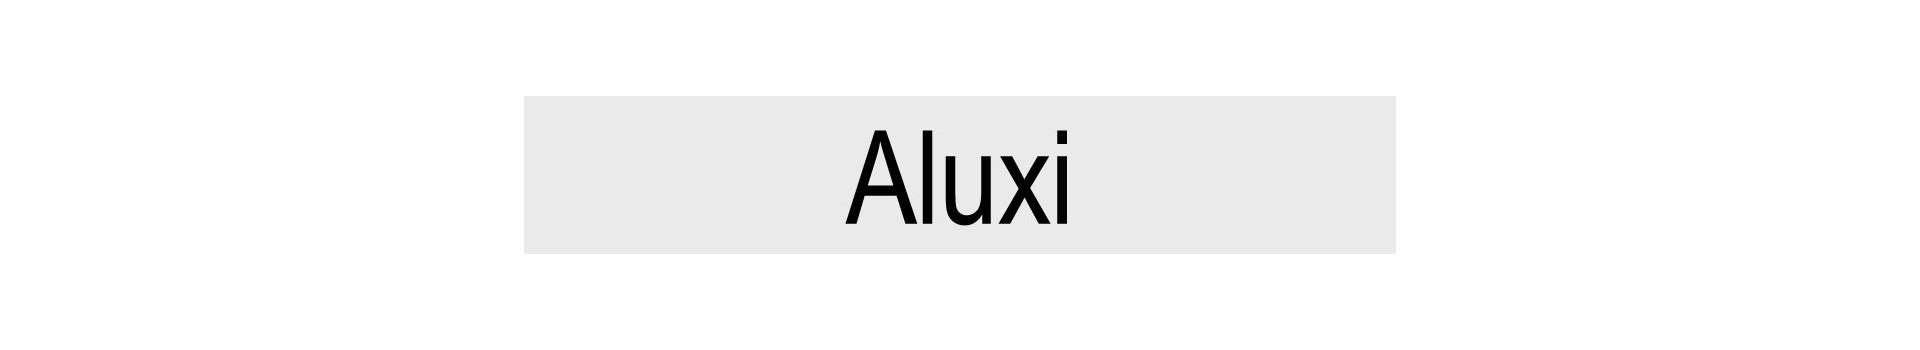 ALUXI